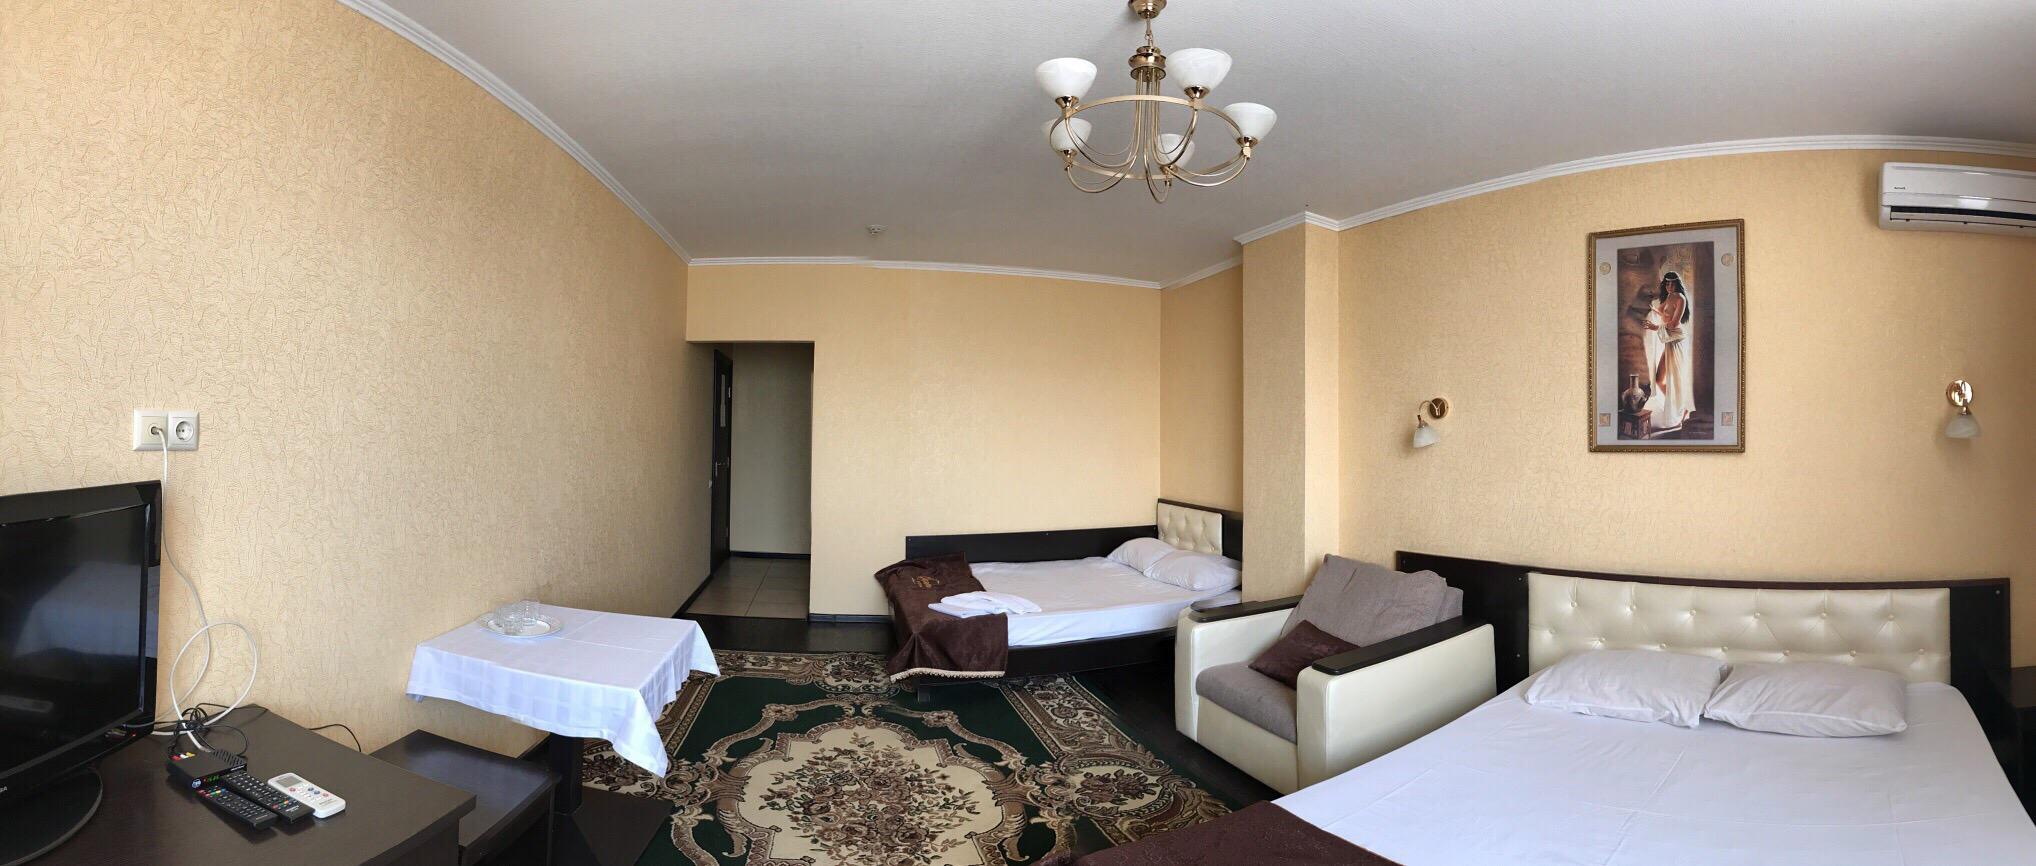 Семейный номер в отеле Визит